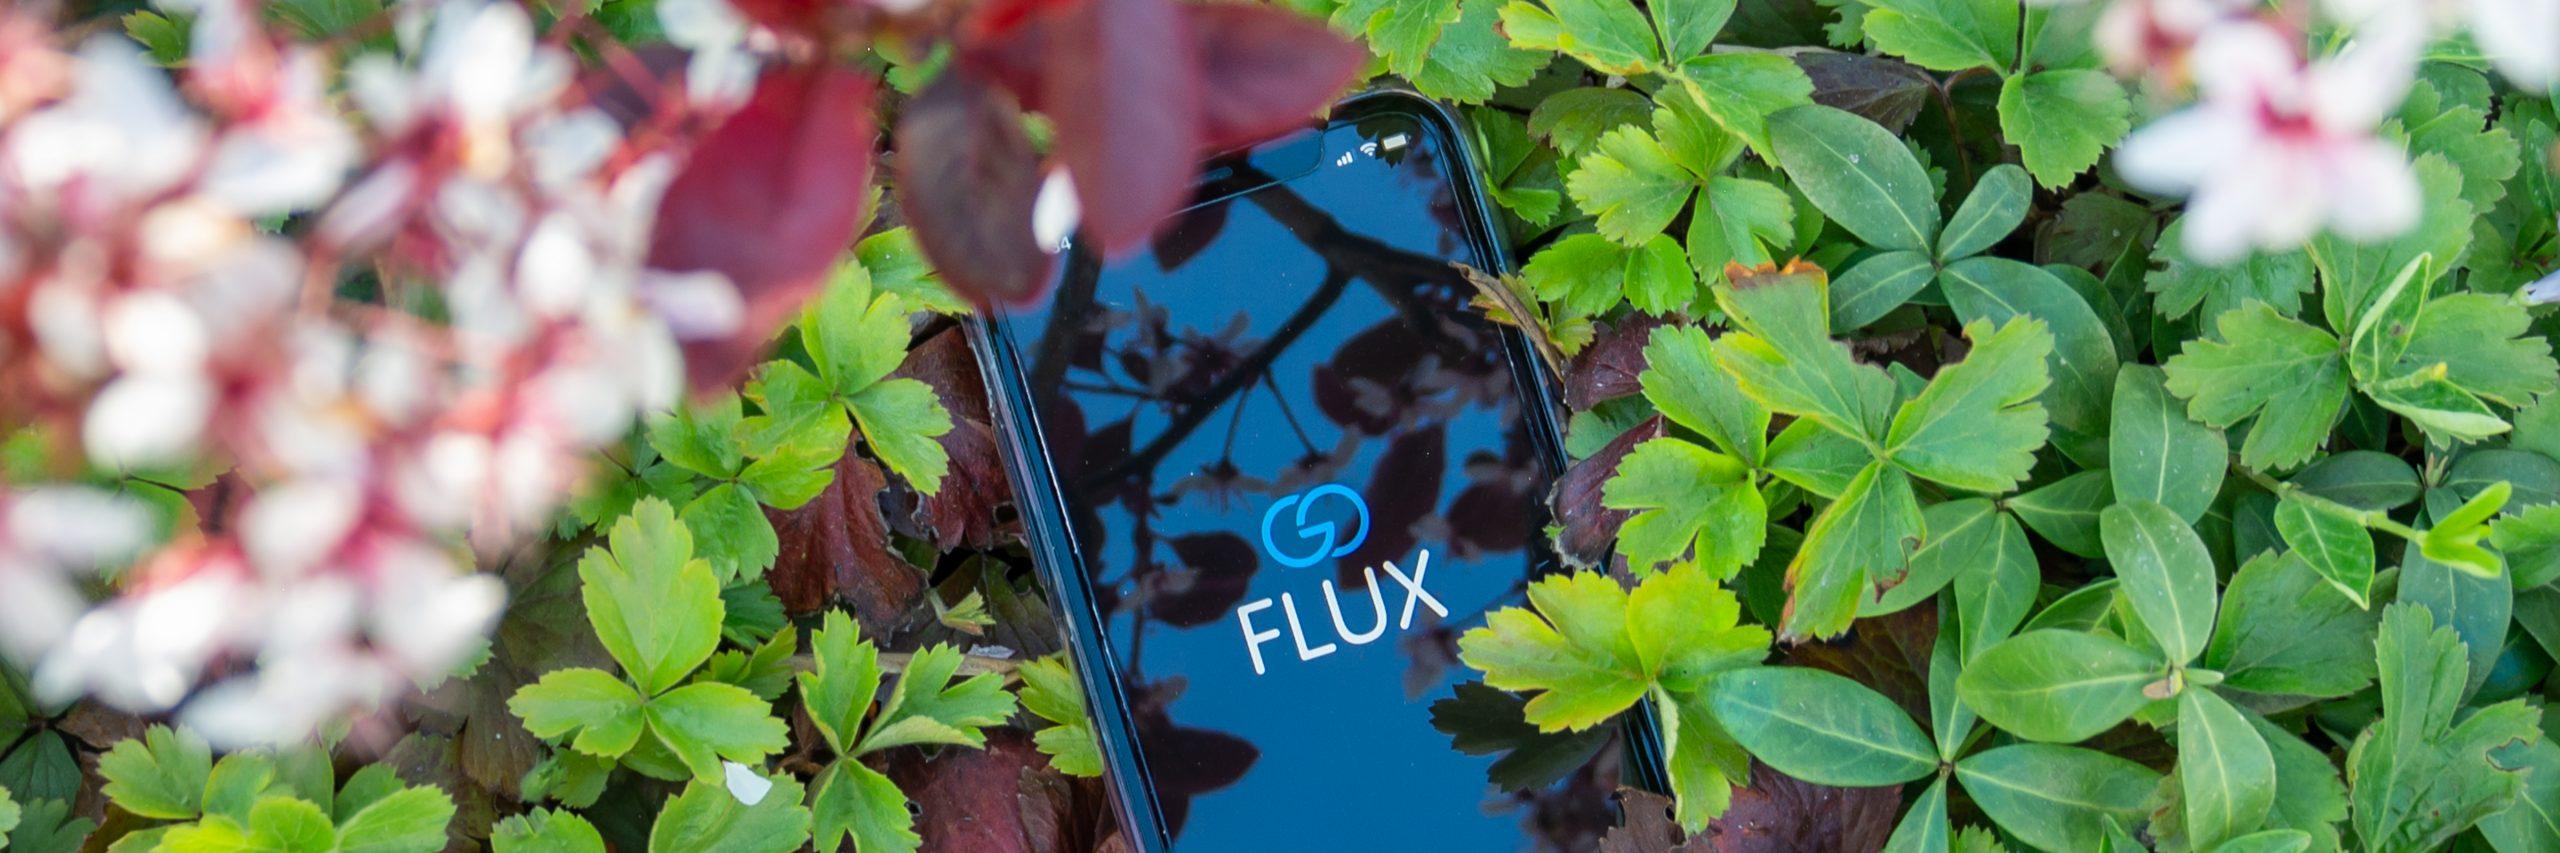 Nachhaltiger Konsum – So setzt das goFLUX-Team Nachhaltigkeit um